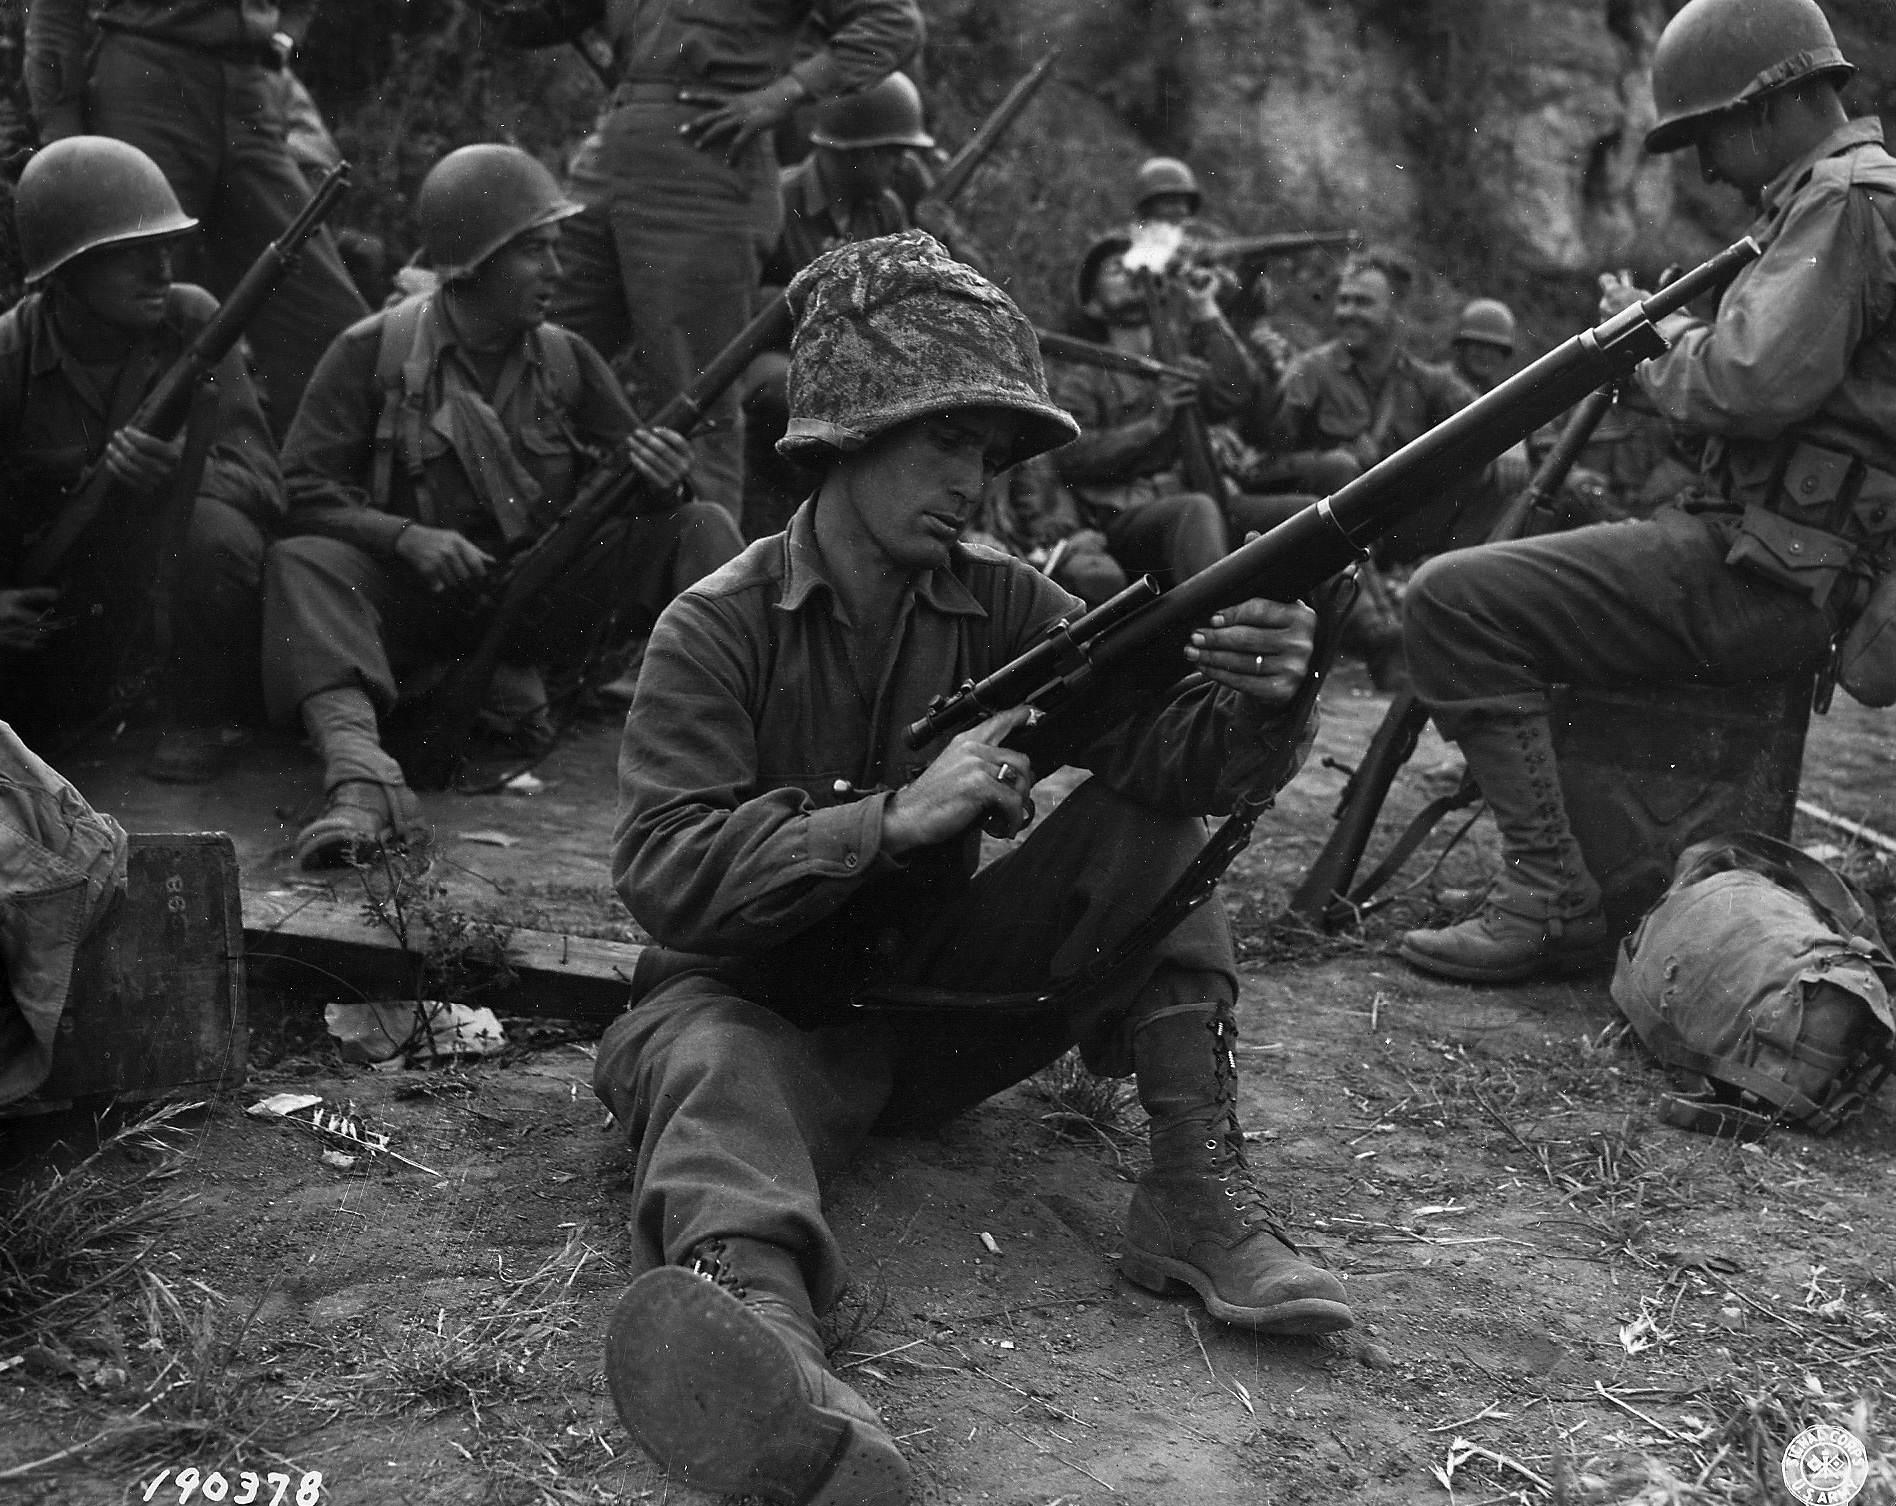 world war 2 springfield 6 - Le Private First Class Edward J. Foley de la 143d Infantry, 36th Infantry Division, nettoie son Springfield M1903A4 près de Velletri (Italie), en 1943